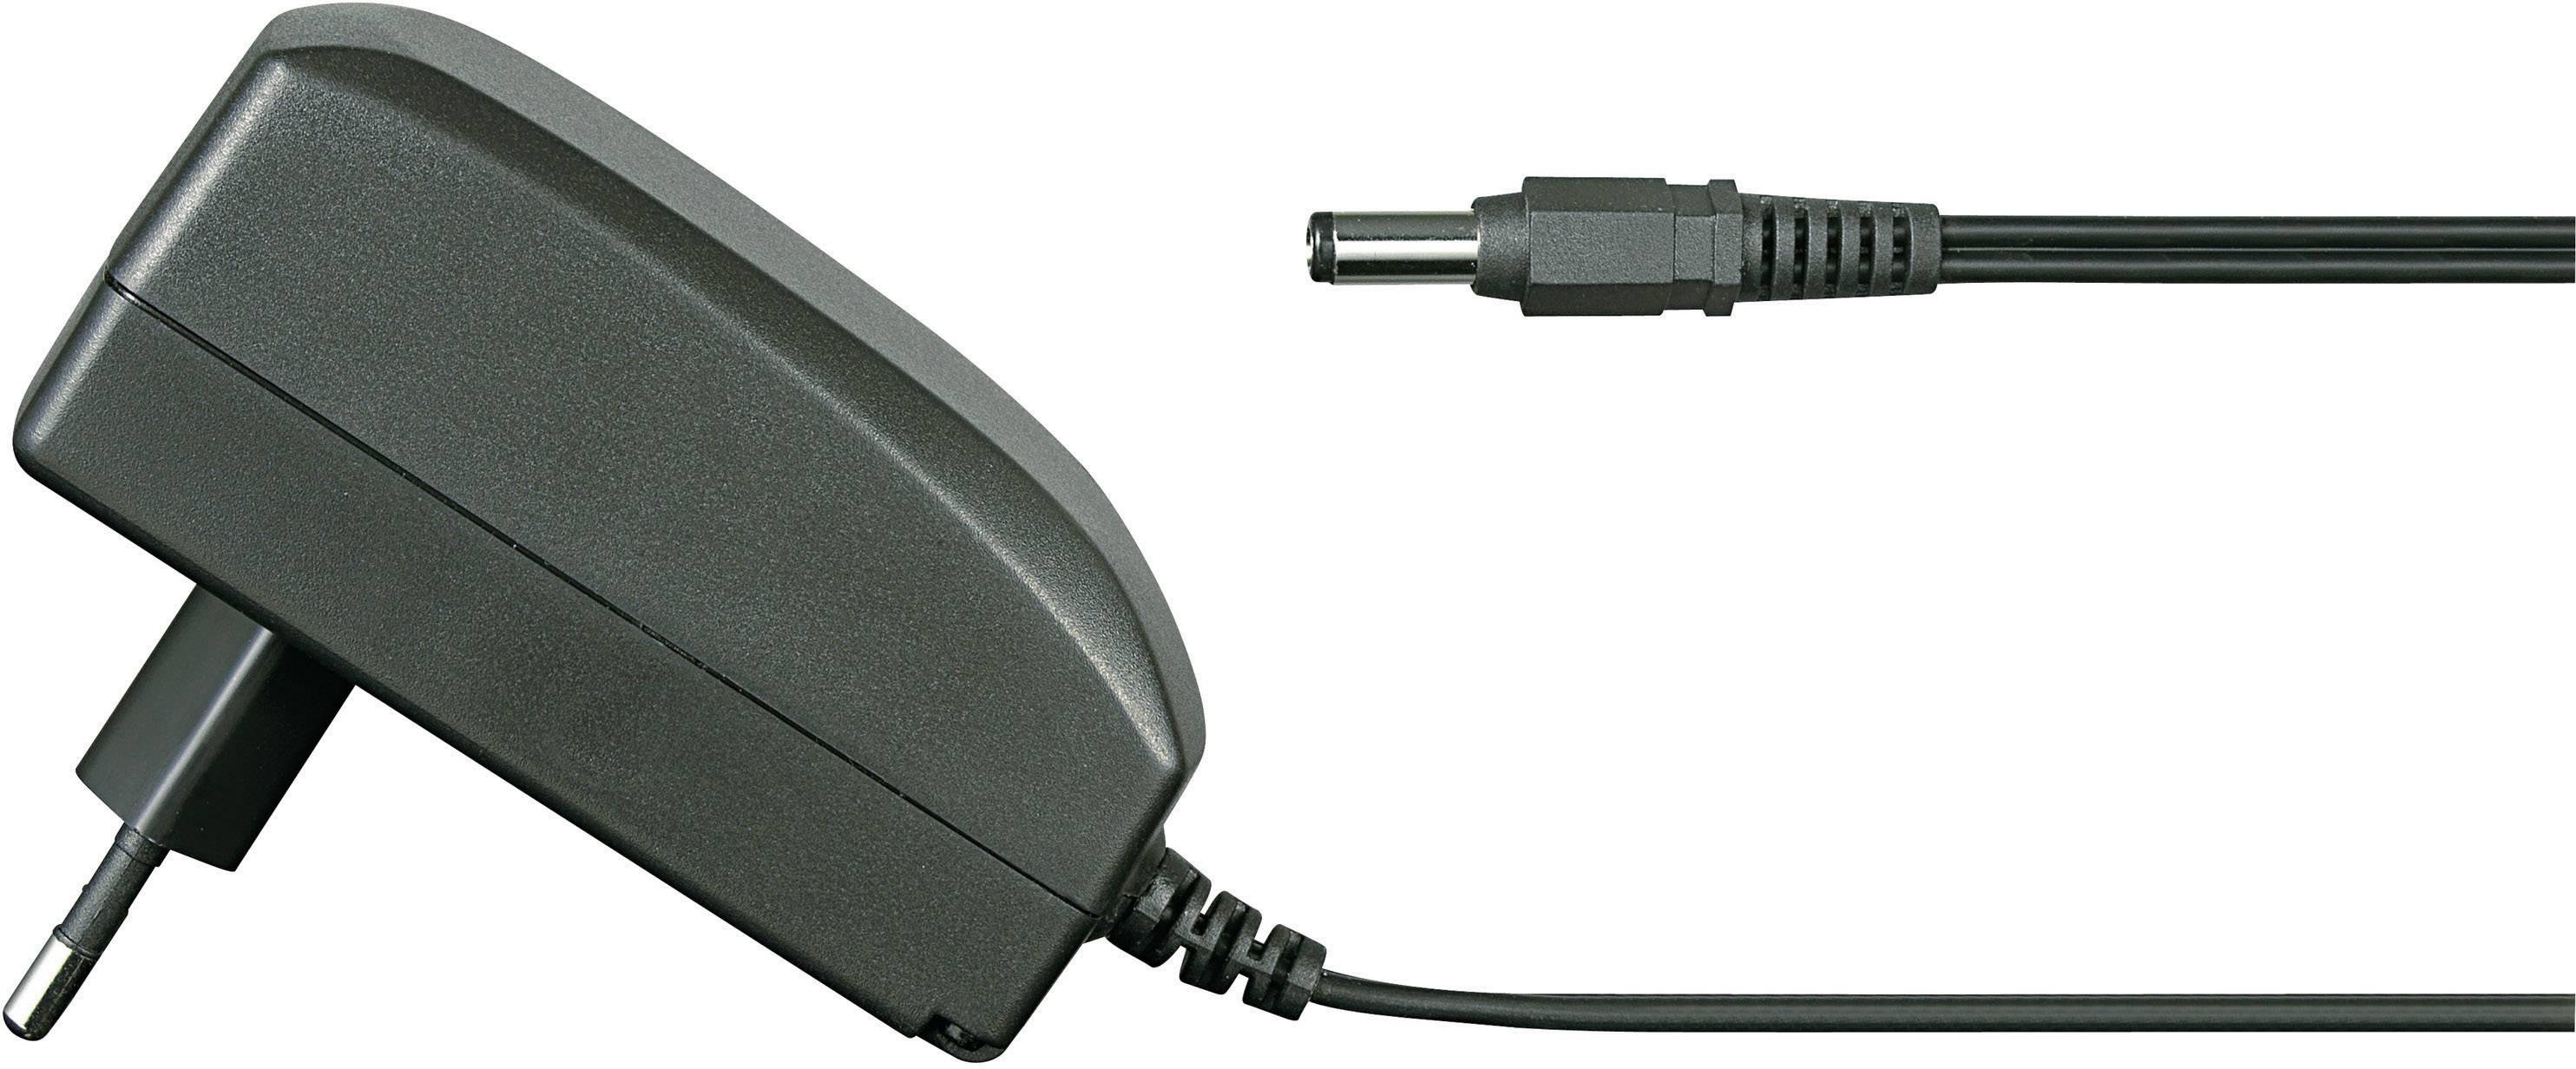 Zásuvkový adaptér so stálym napätím VOLTCRAFT FPPS 24-27W, 27 W, 1120 mA